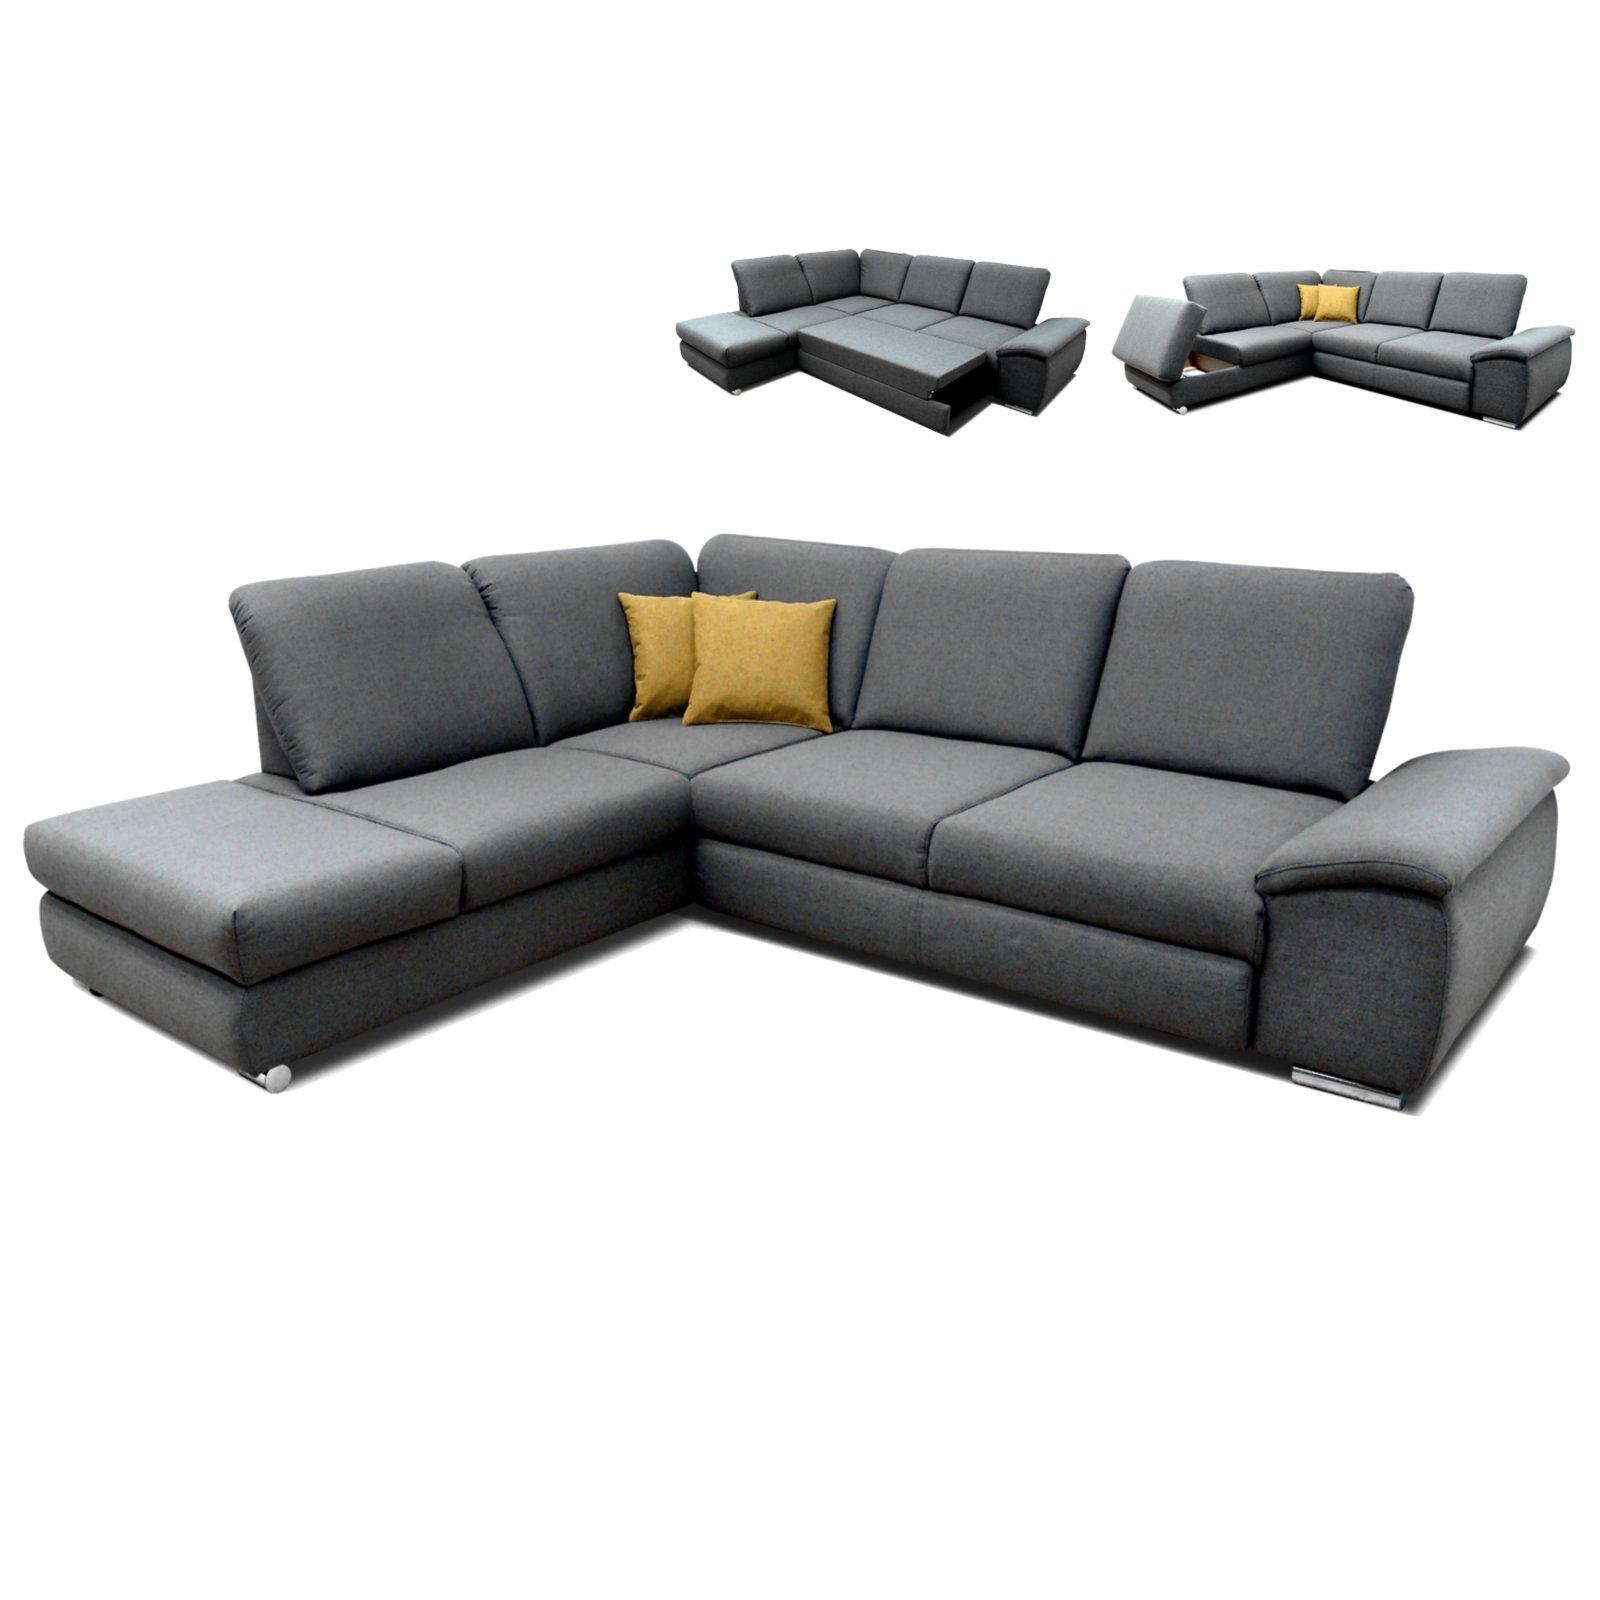 polsterecke grau braun mit funktionen staukasten. Black Bedroom Furniture Sets. Home Design Ideas